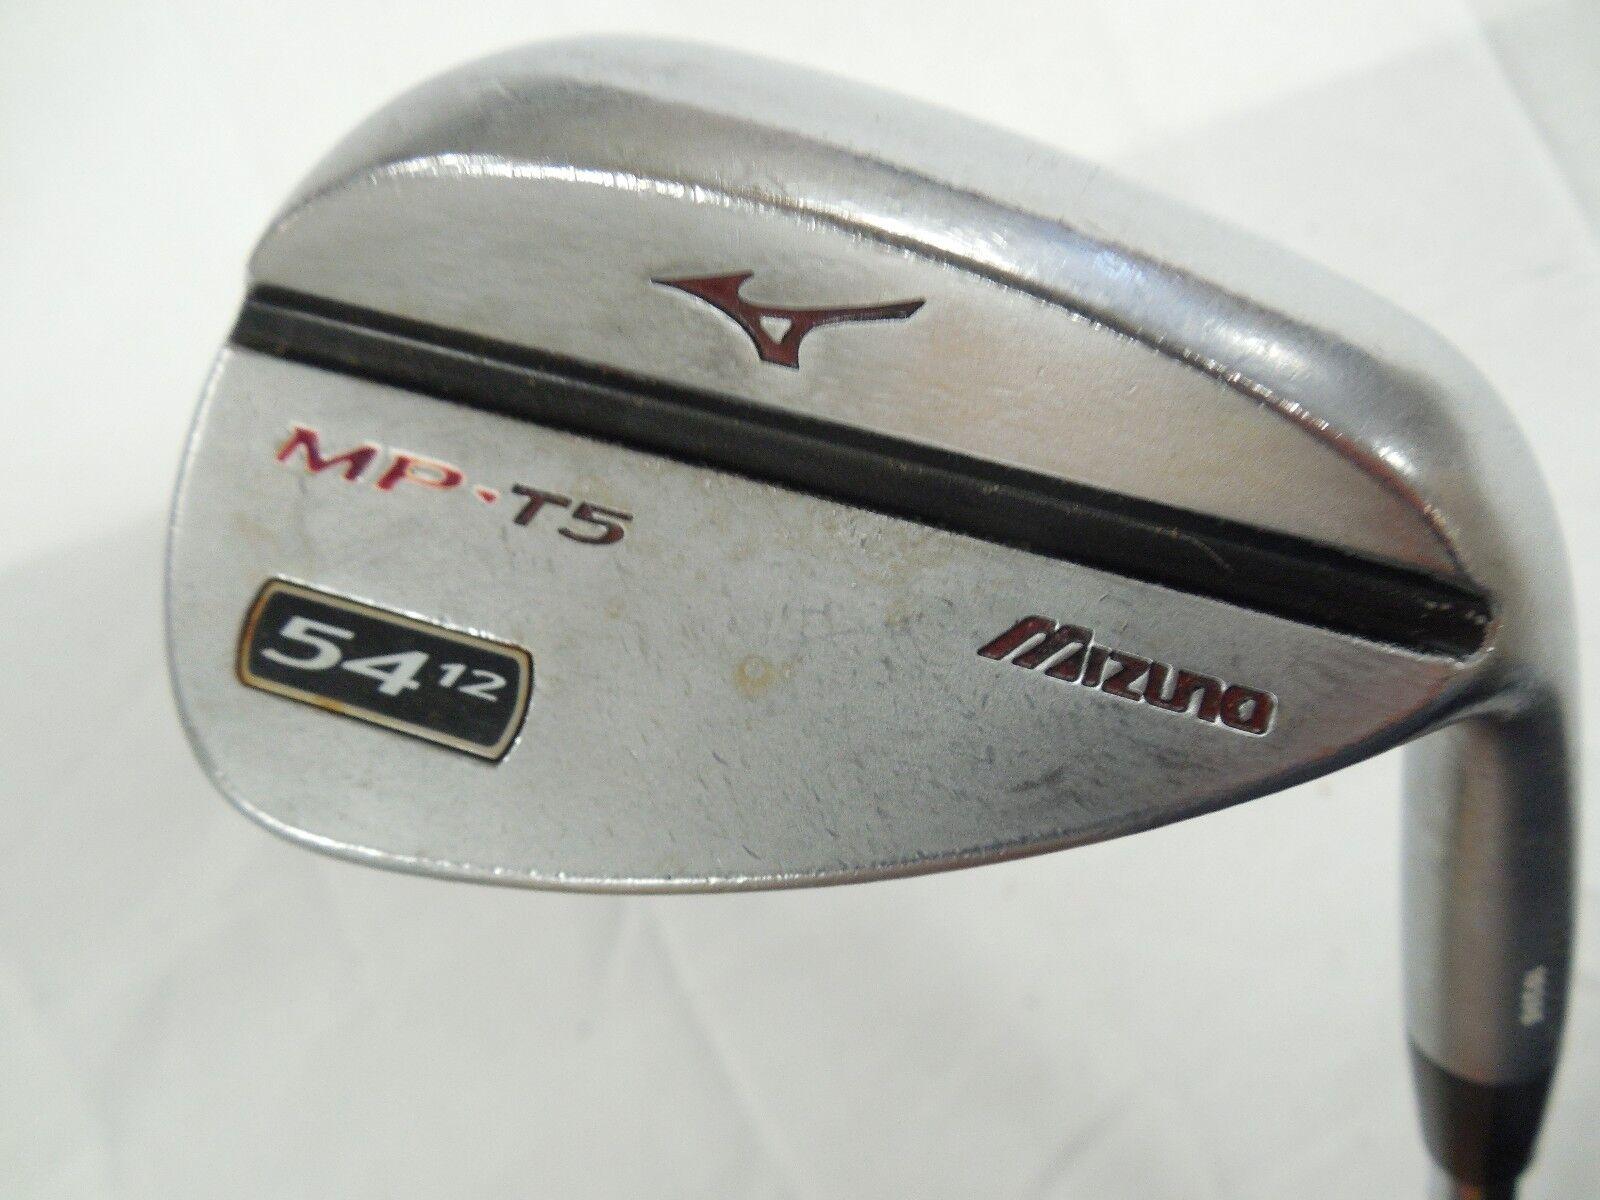 Utiliza la  mano derecha Mizuno MP-T5 Forjado 54.12  cuña de Arena Acero Flexible de cuña de oro dinámico  a la venta